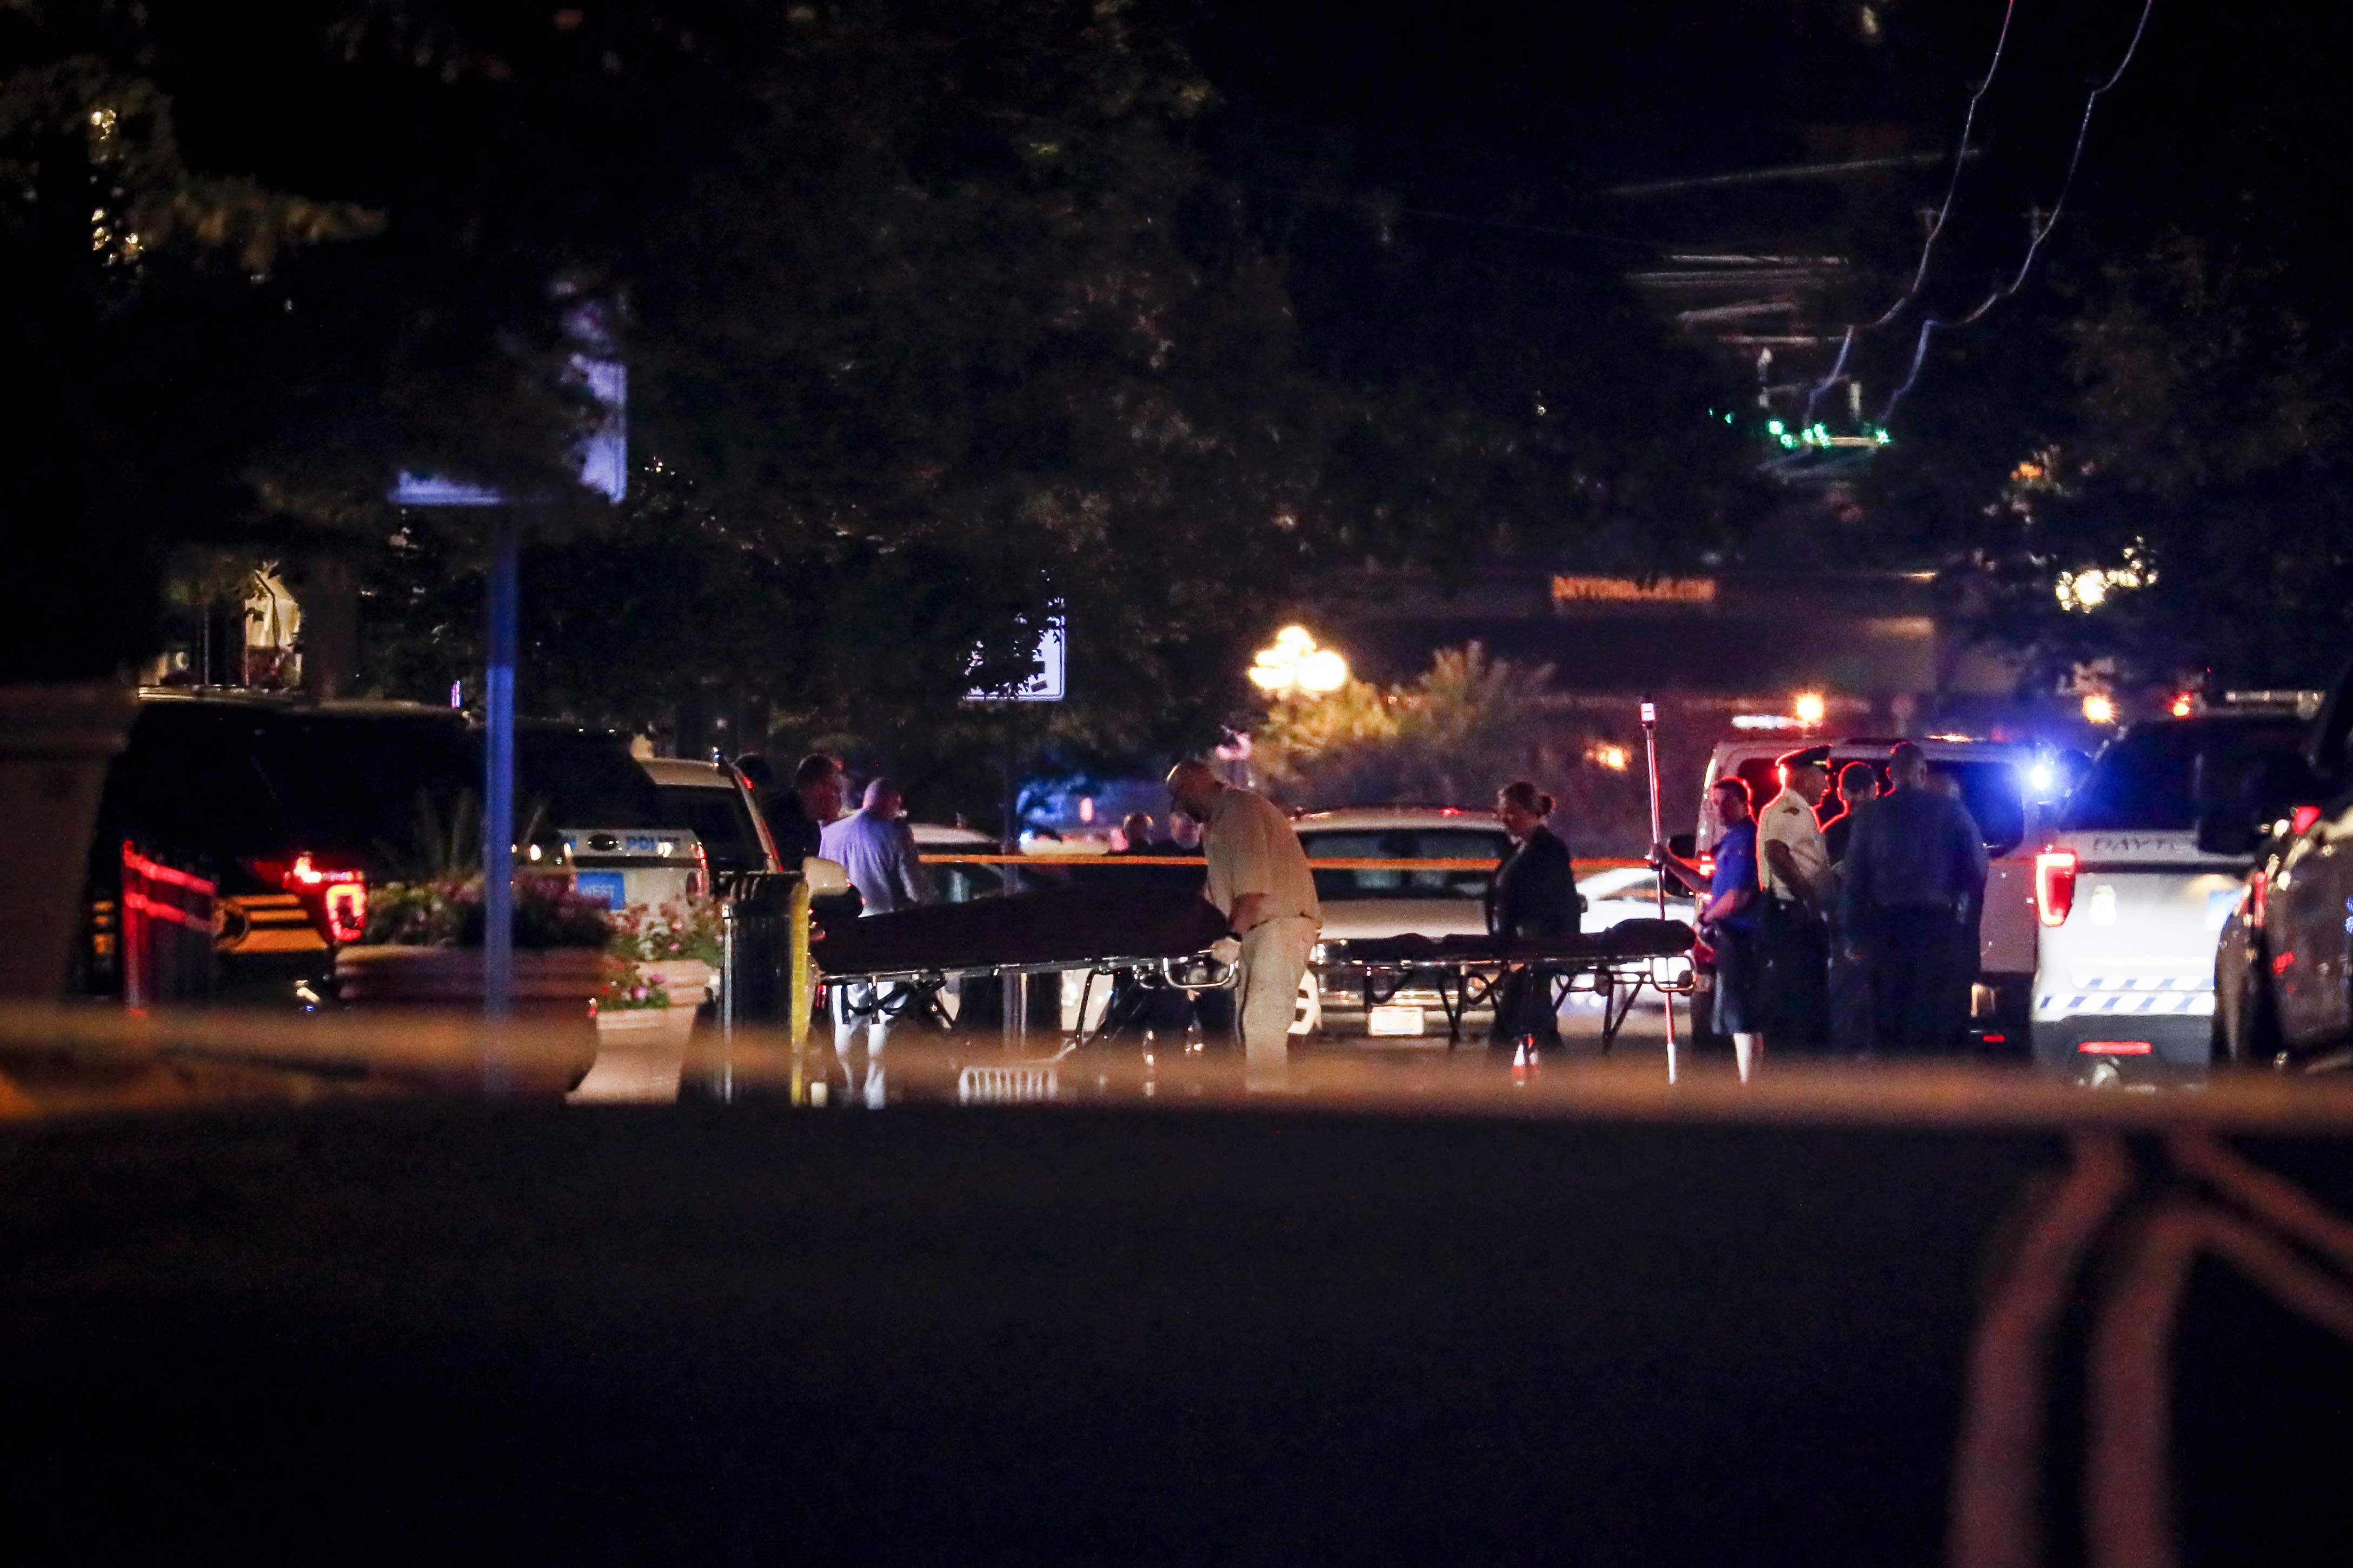 24yo Dayton shooter used Kalashnikov-type rifle to shoot dozens, 10 dead